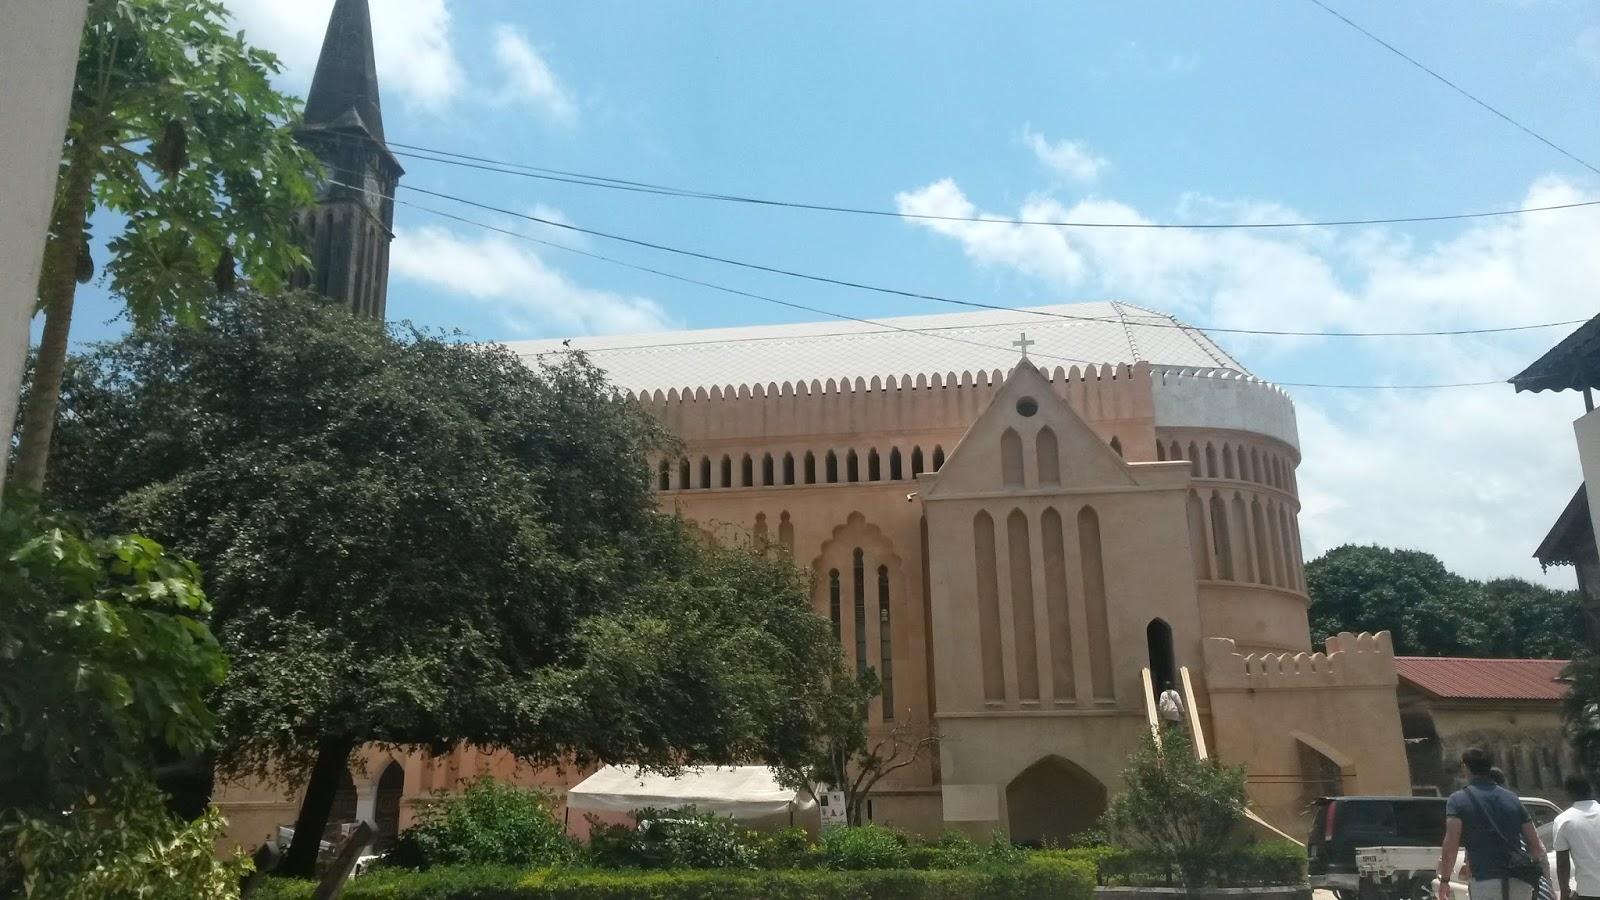 zanzibar stone town afrika slave market anglican church